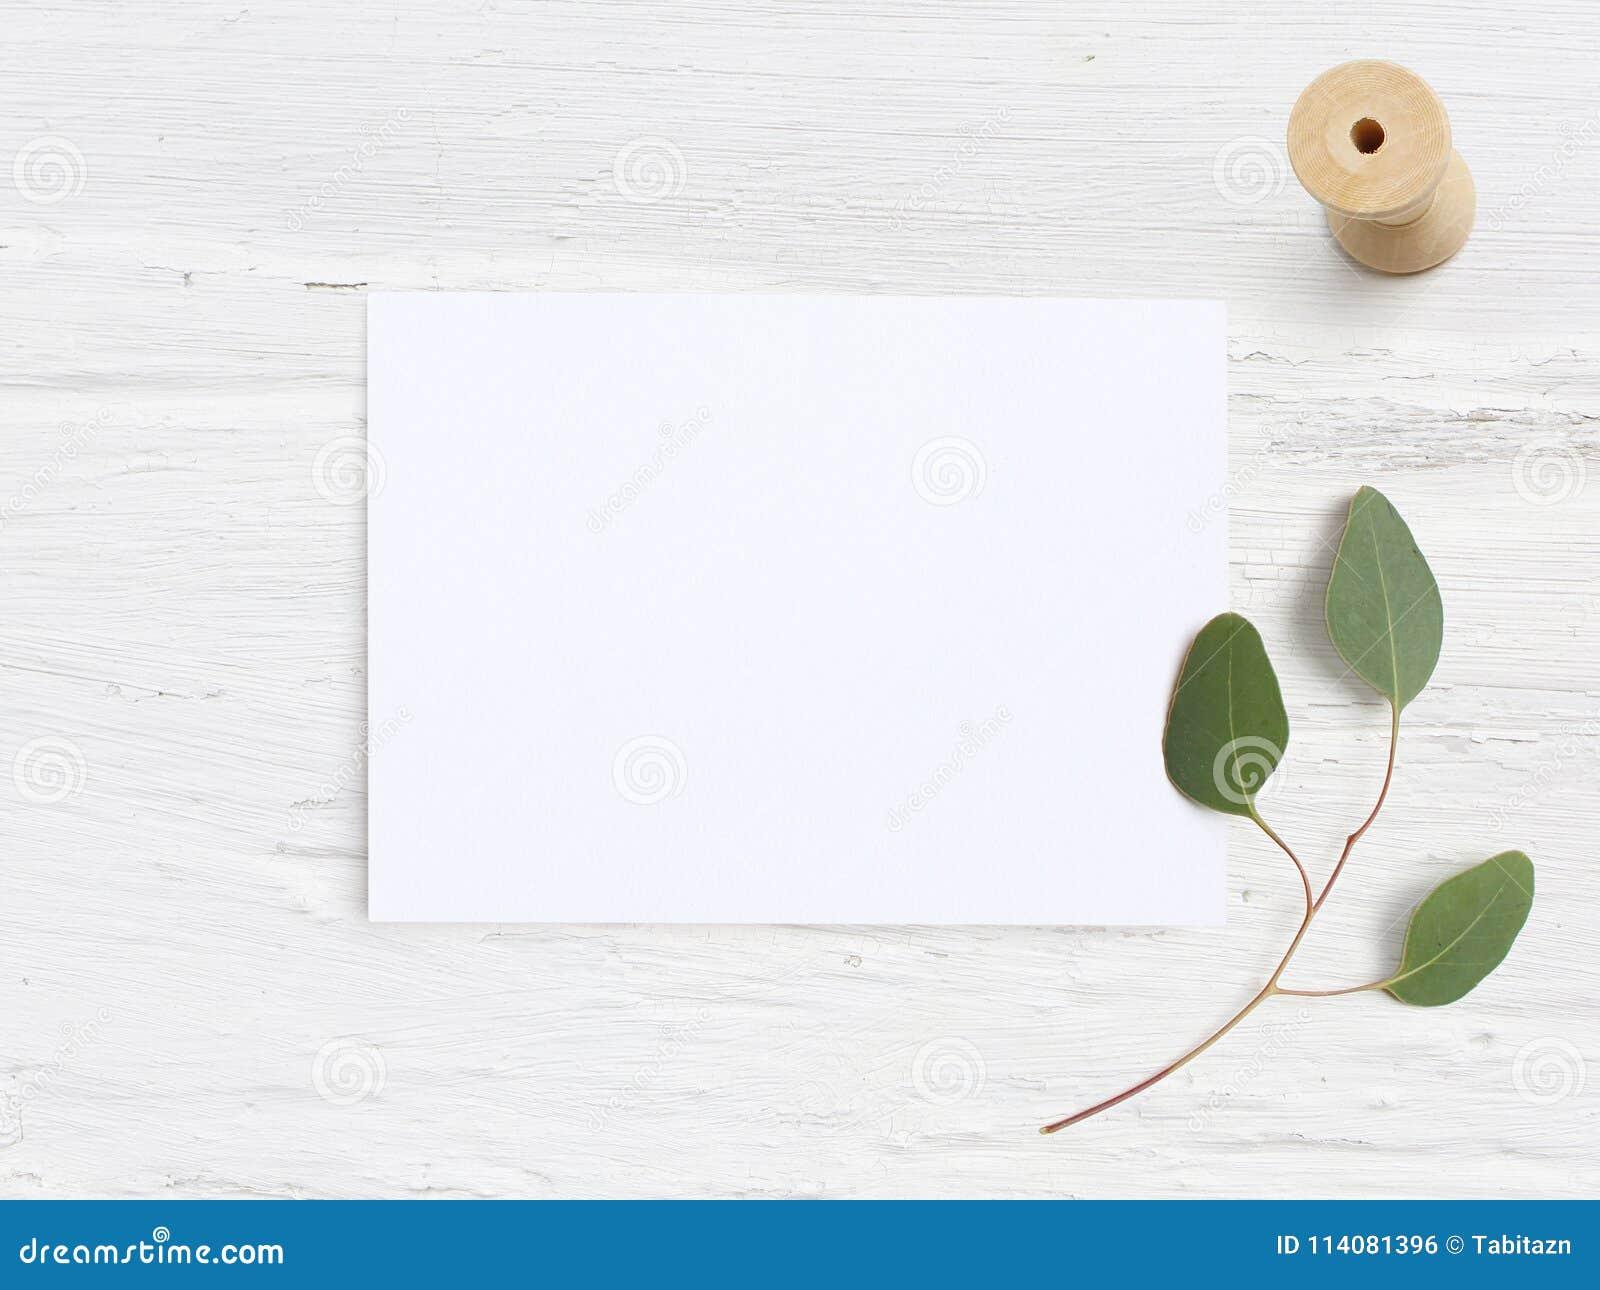 Женственный модель-макет настольного компьютера свадьбы с карточкой чистого листа бумаги, деревянная катышка и populus евкалипта